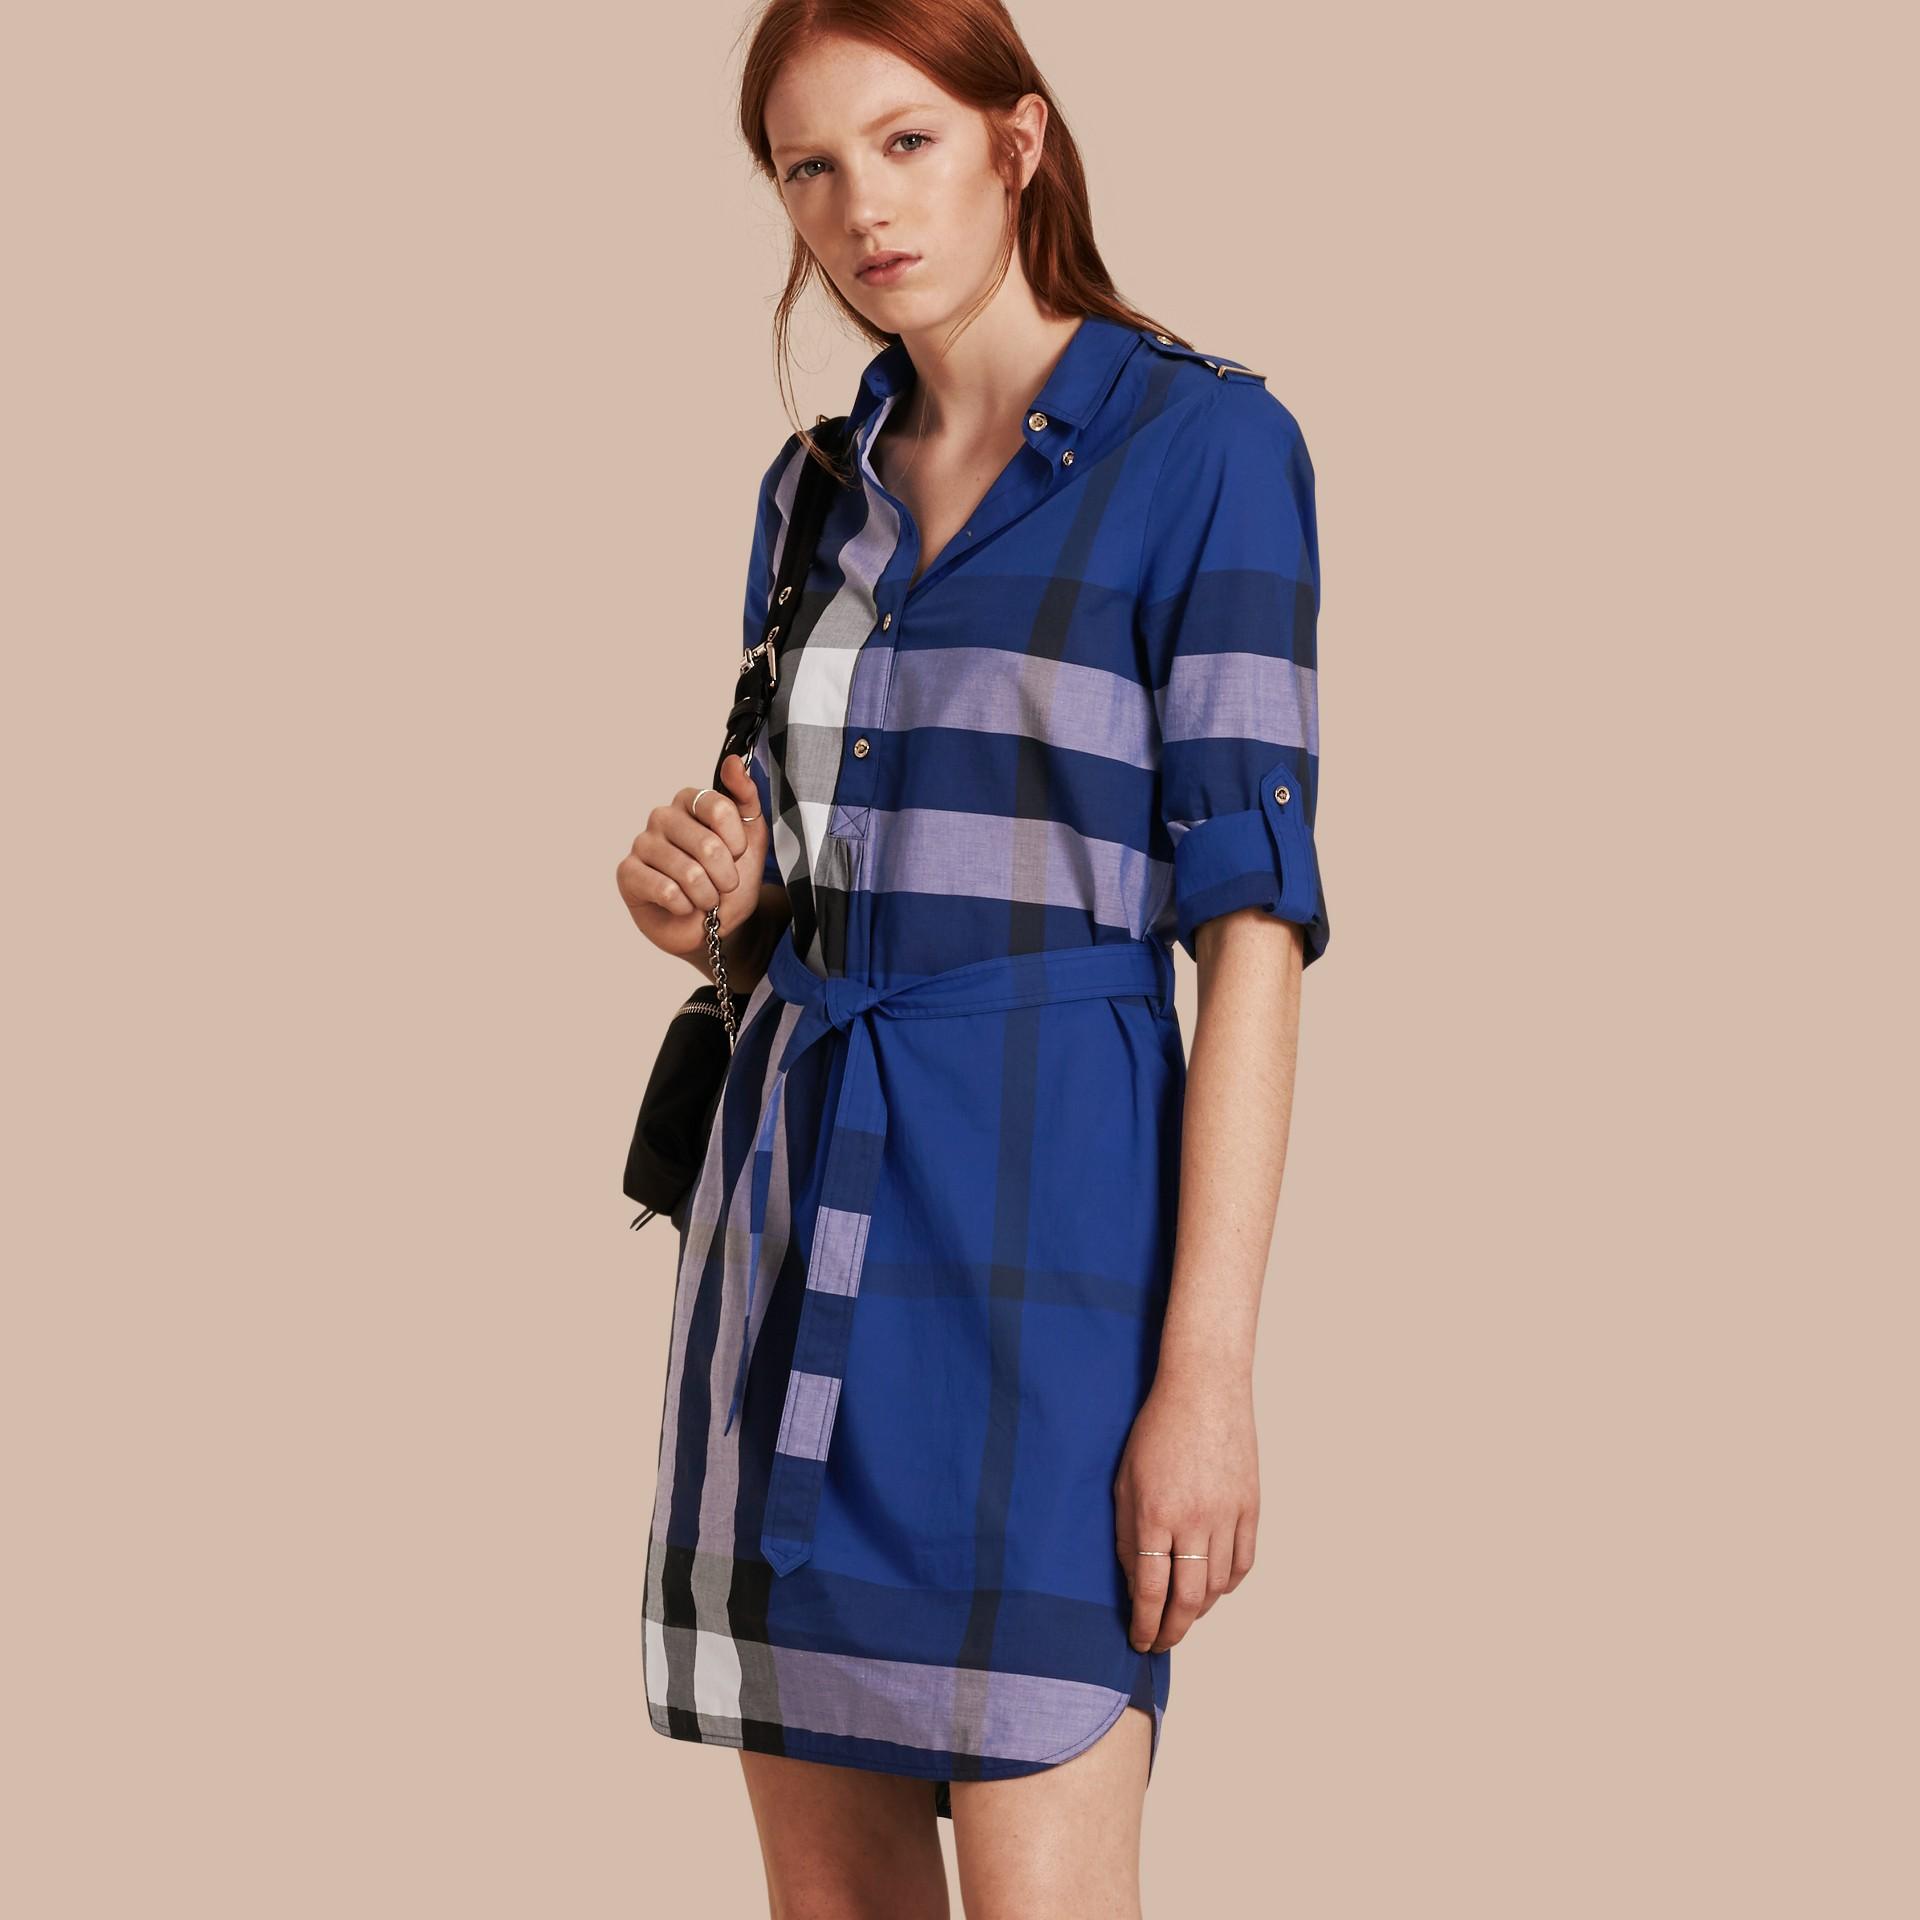 Glänzendes blau Hemdkleid aus Baumwolle im Karodesign Glänzendes Blau - Galerie-Bild 1